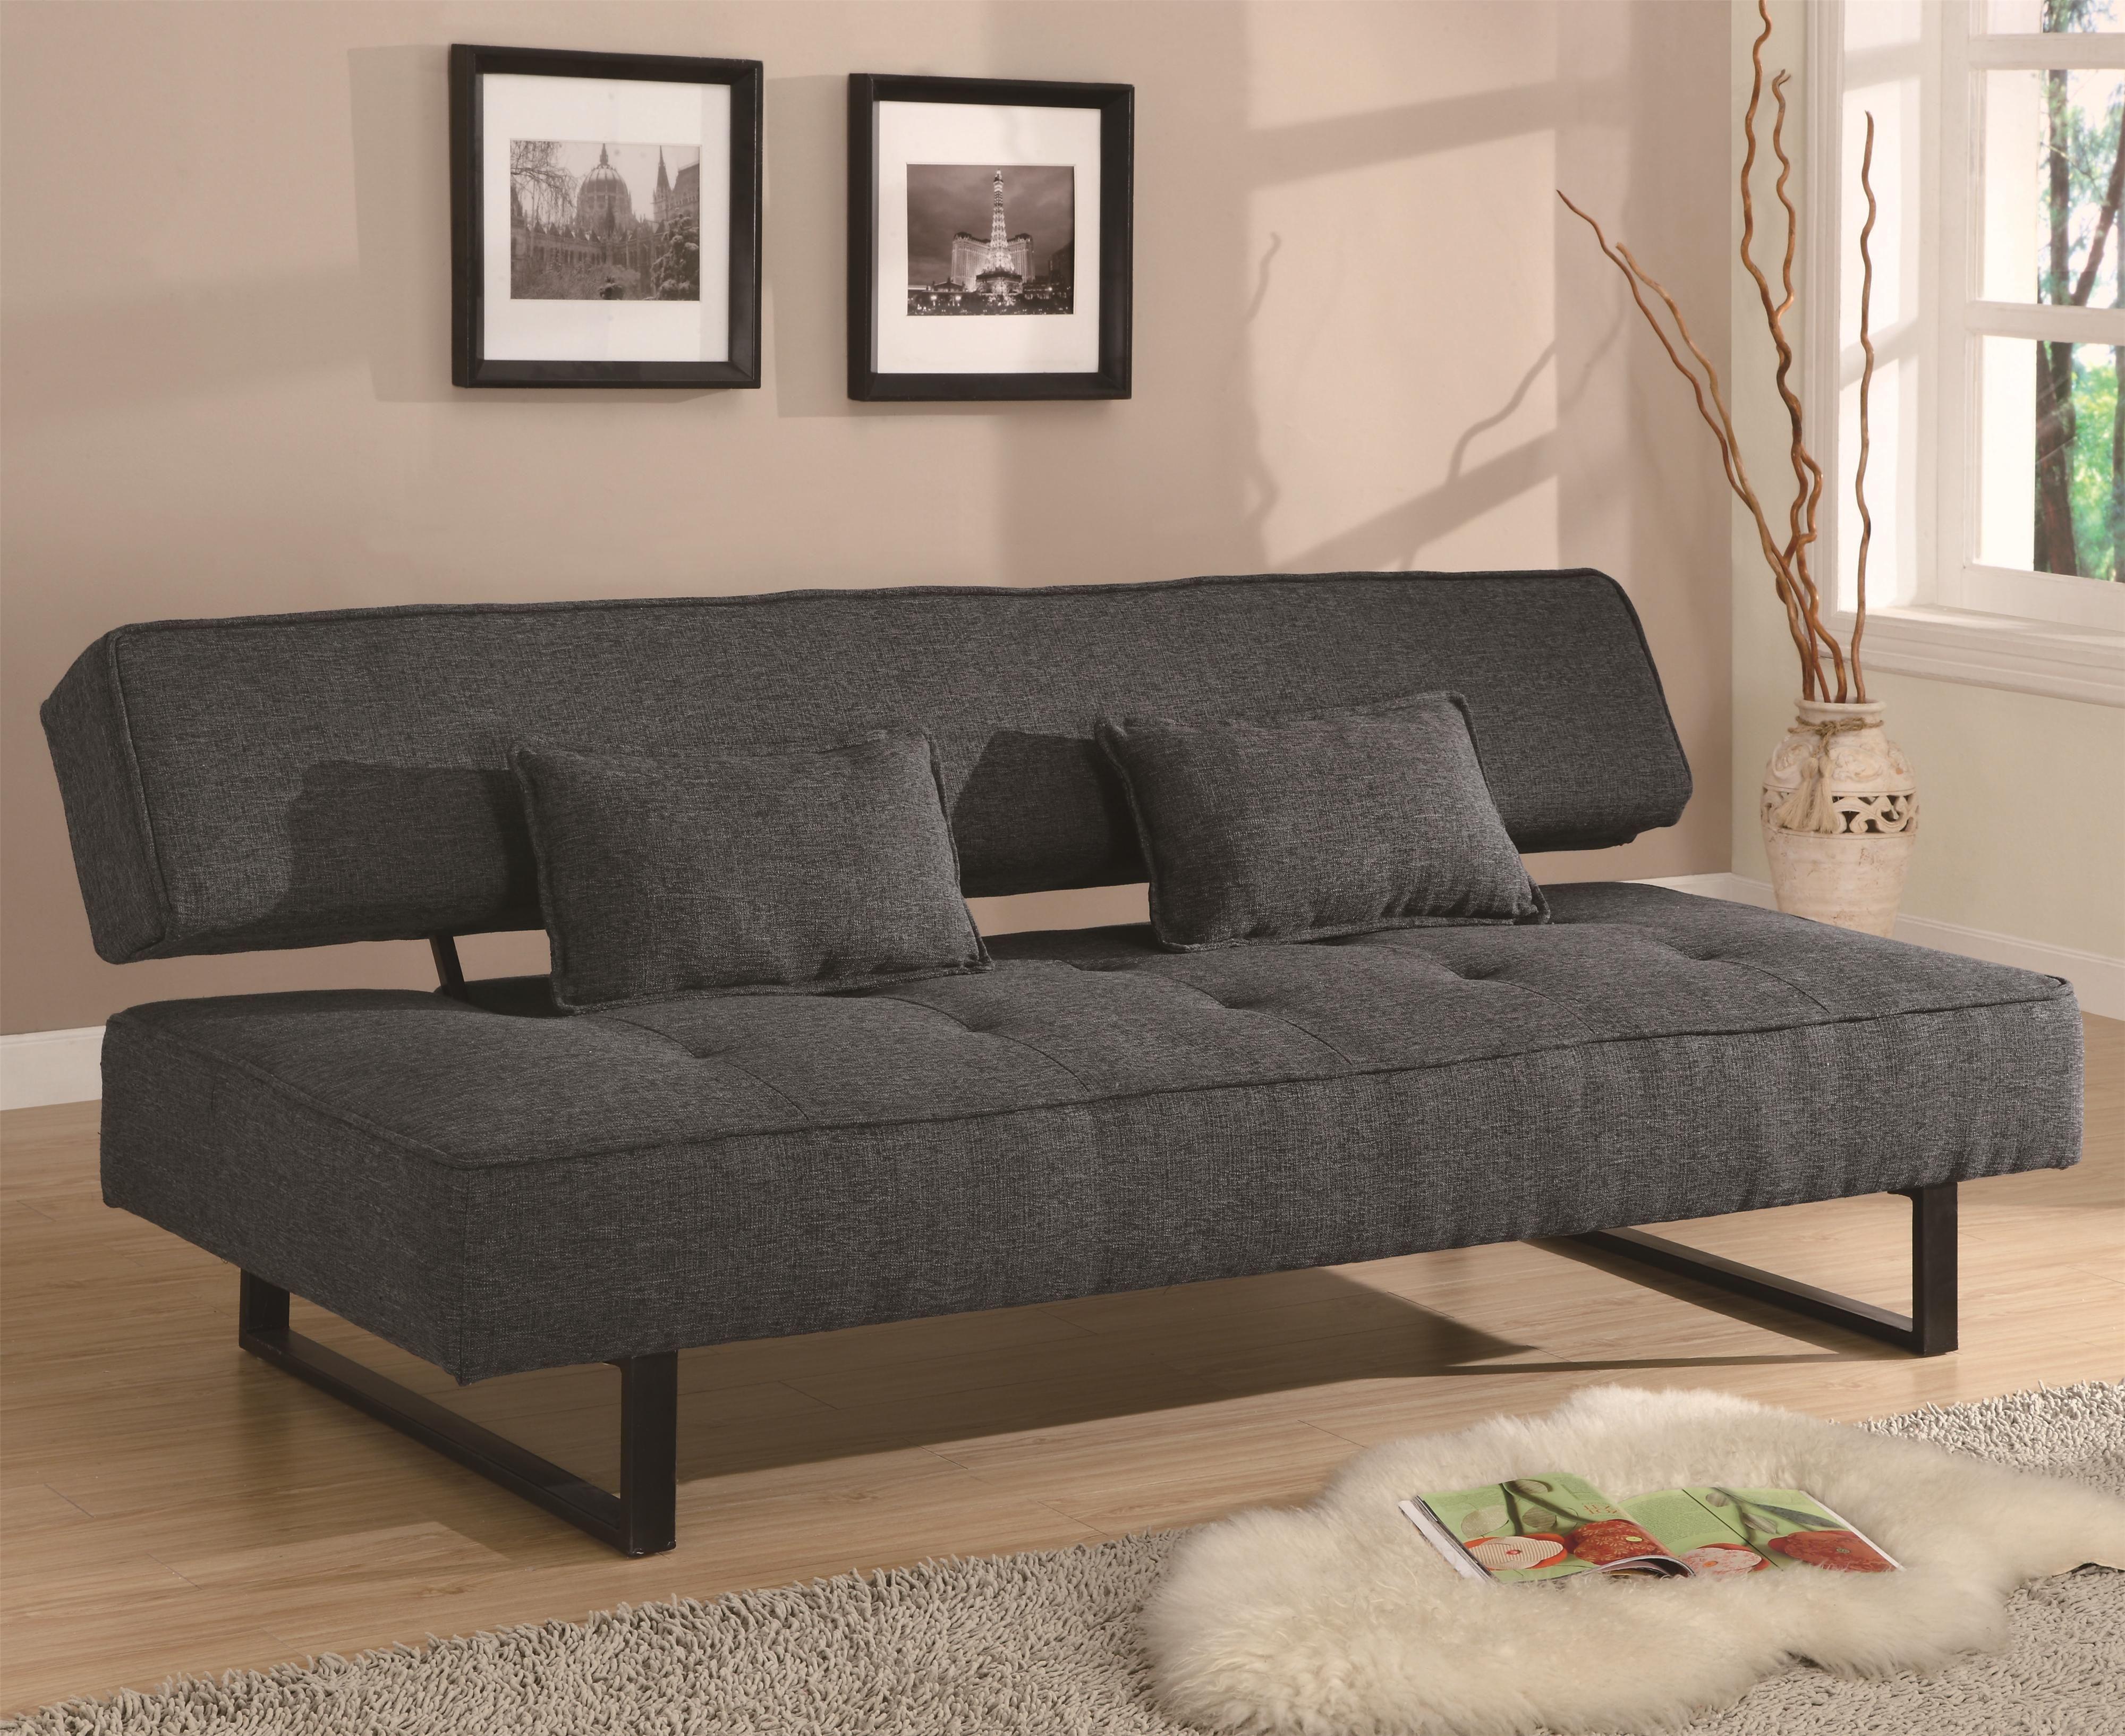 Futons Sofa Bed Sleeper Coaster Furniture 500775 Stores Sale Muebles Multifuncionales Decoracion Dormitorio Estudiantes Estilo En El Hogar